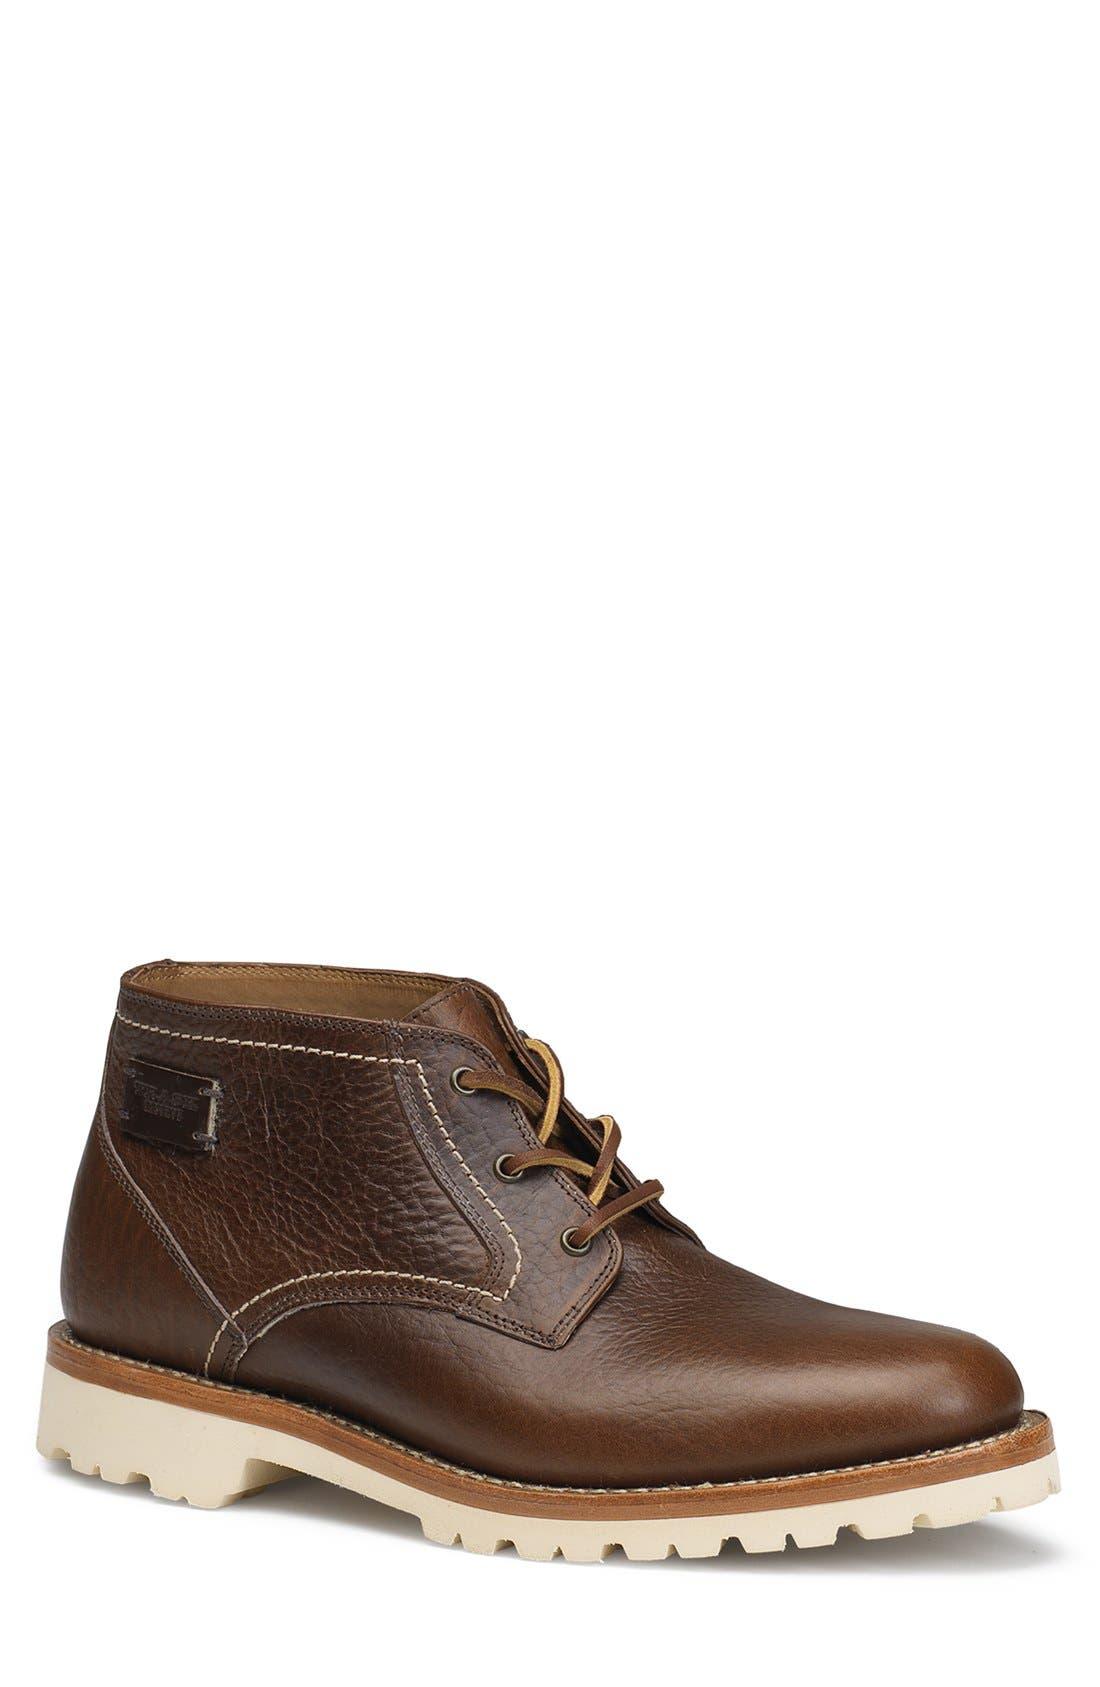 Main Image - Trask 'Bighorn' Plain Toe Boot (Men)